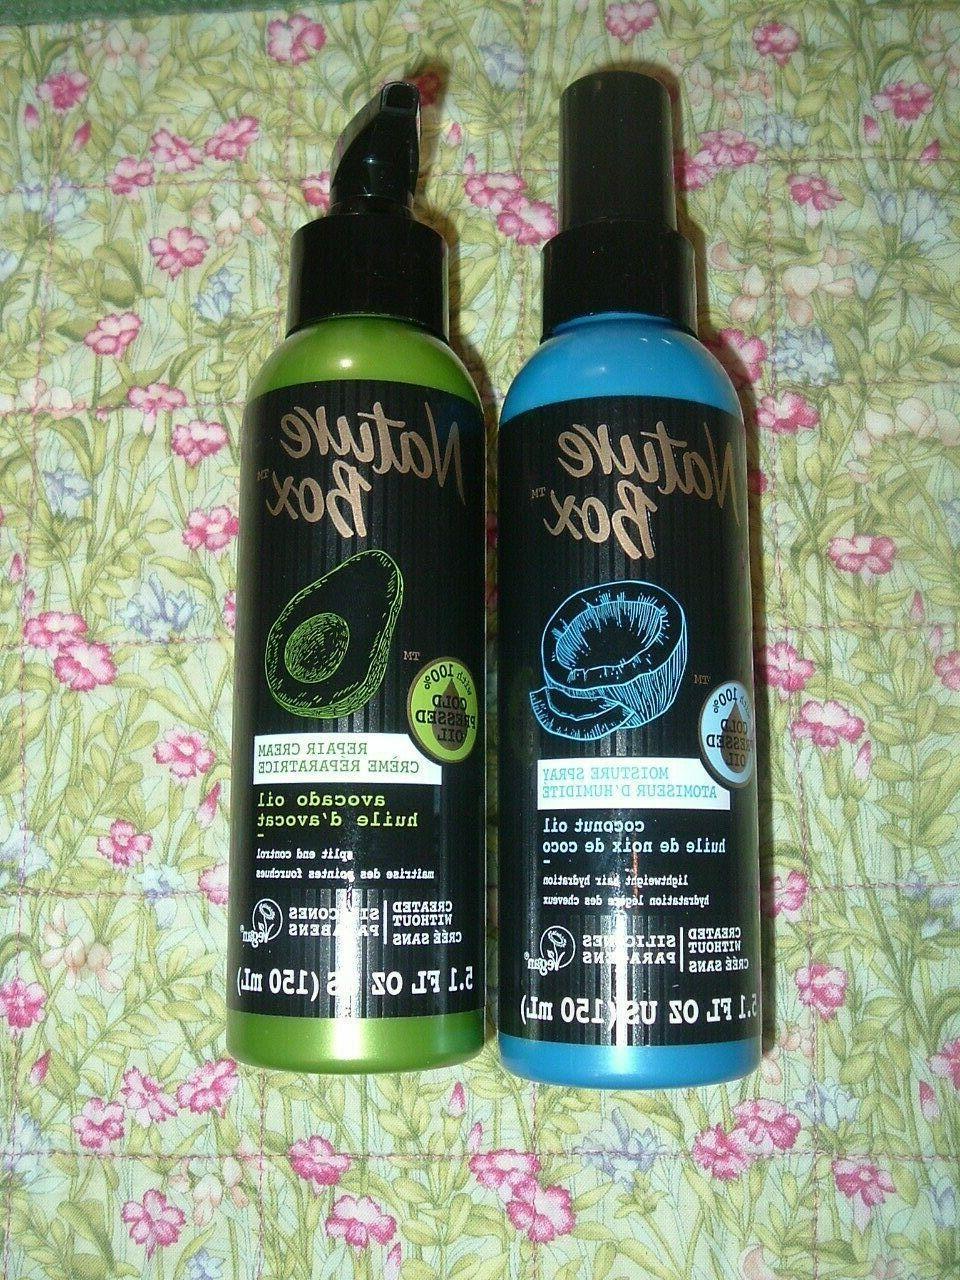 moisture coconut oil hair spray 5 1